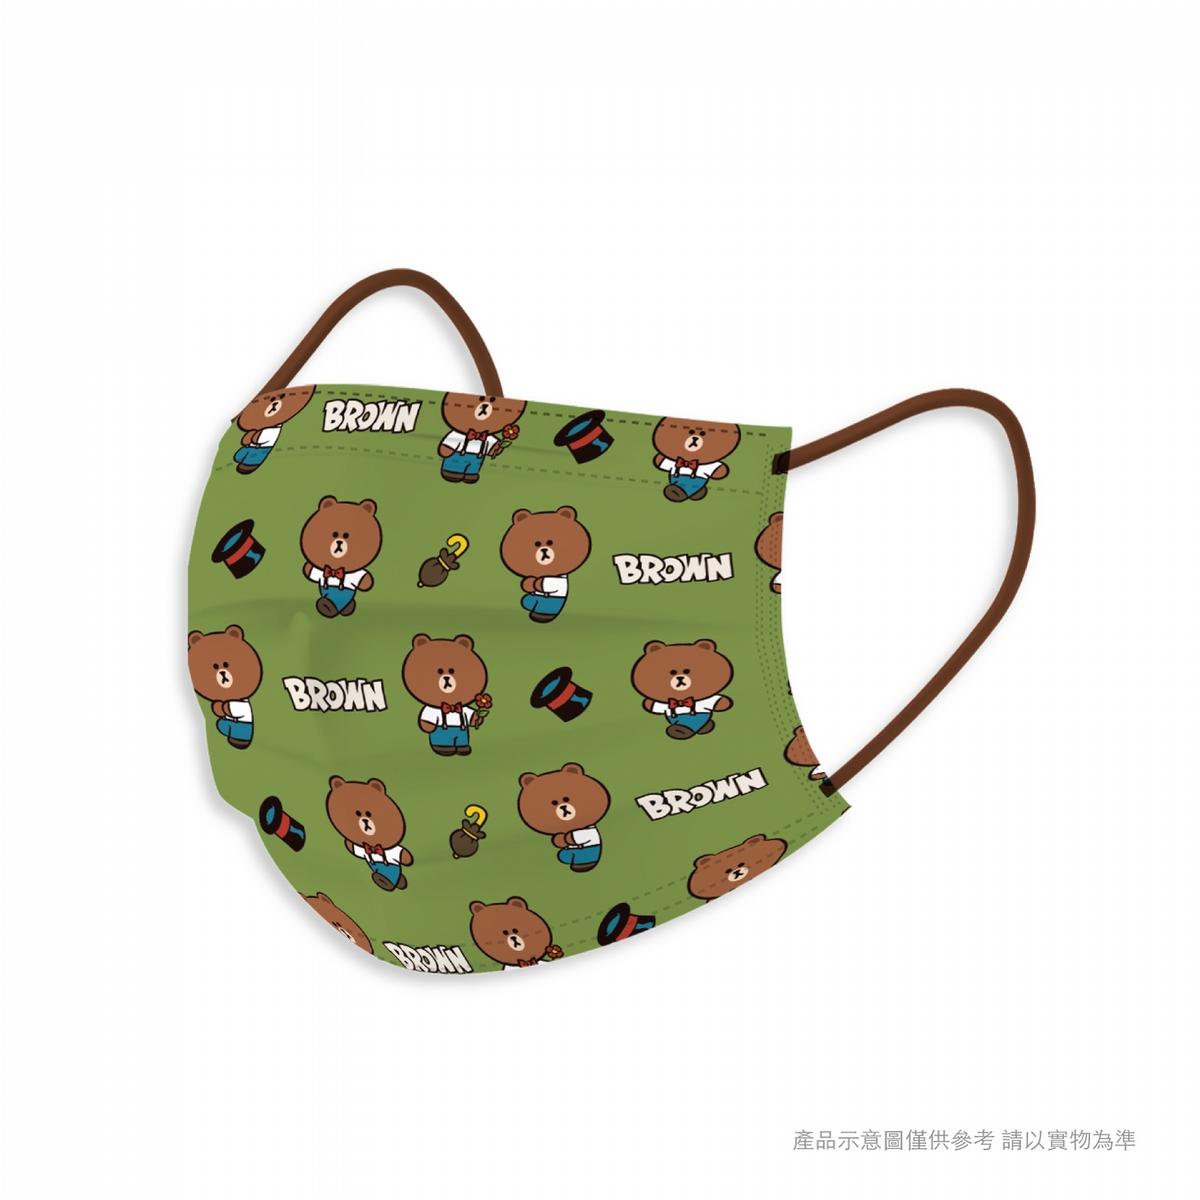 防疫不鬆懈!復古熊大、兔兔、三麗鷗人氣角色超萌口罩戴起來!